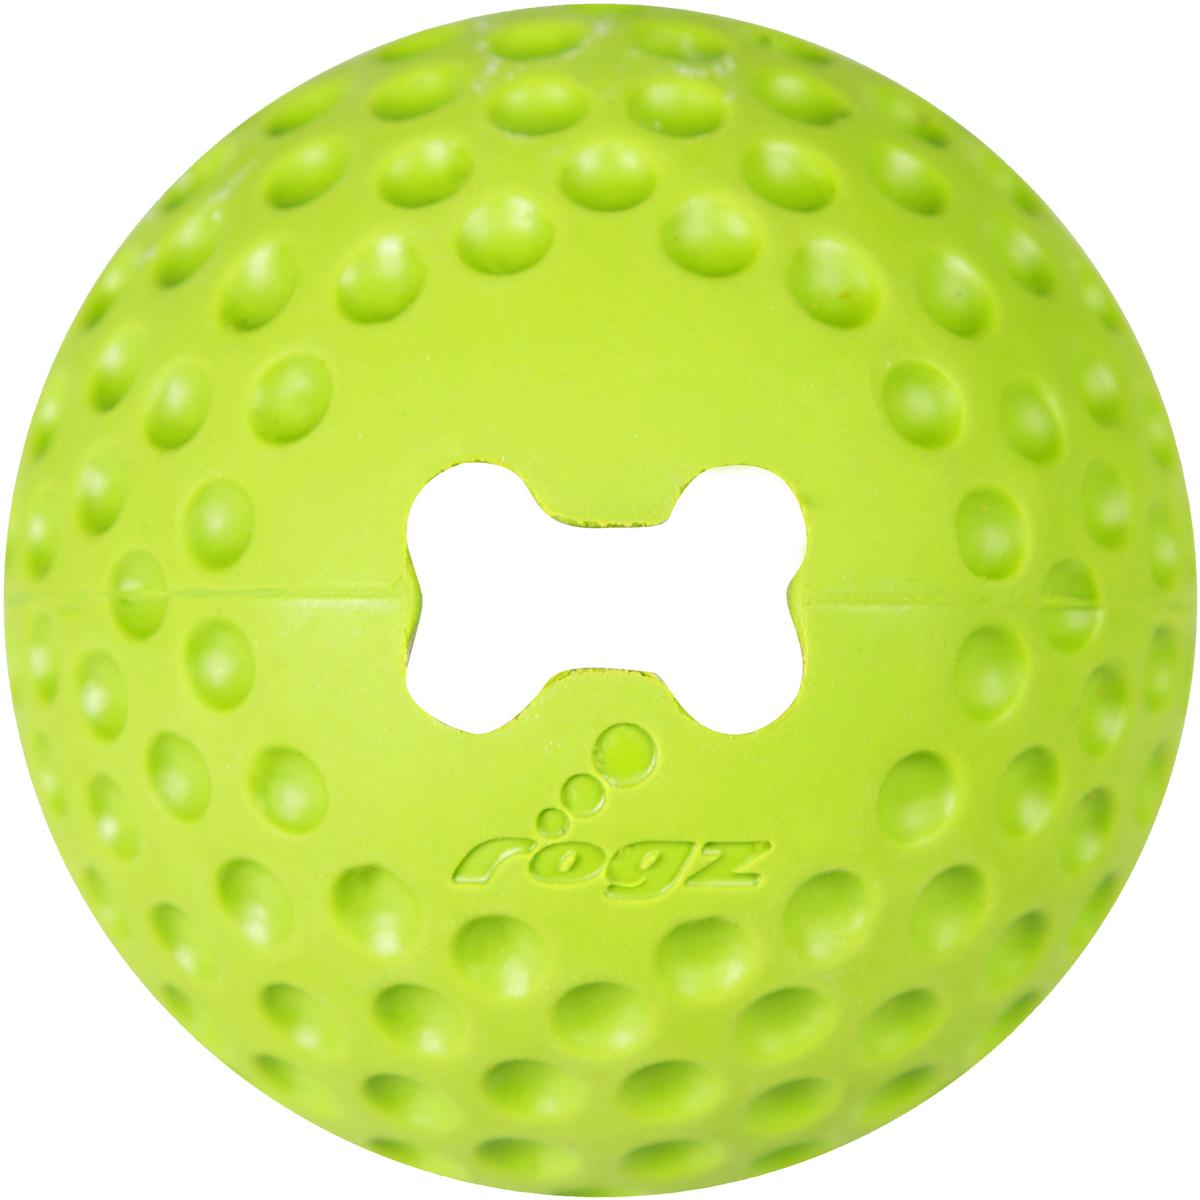 Игрушка для собак Rogz Gumz, с отверстием для лакомства, цвет: лайм, диаметр 6,4 см12171996Игрушка для собак Rogz Gumz тренирует жевательные мышцы и массирует десны собаке. Отлично подходит для дрессировки, так как есть отверстие для лакомства.Отлично подпрыгивает при играх.Занимательная игрушка выдерживает долгое жевание и разгрызание. Материал изделия: 85 % натуральной резины, 15 % синтетической резины. Не токсичен.